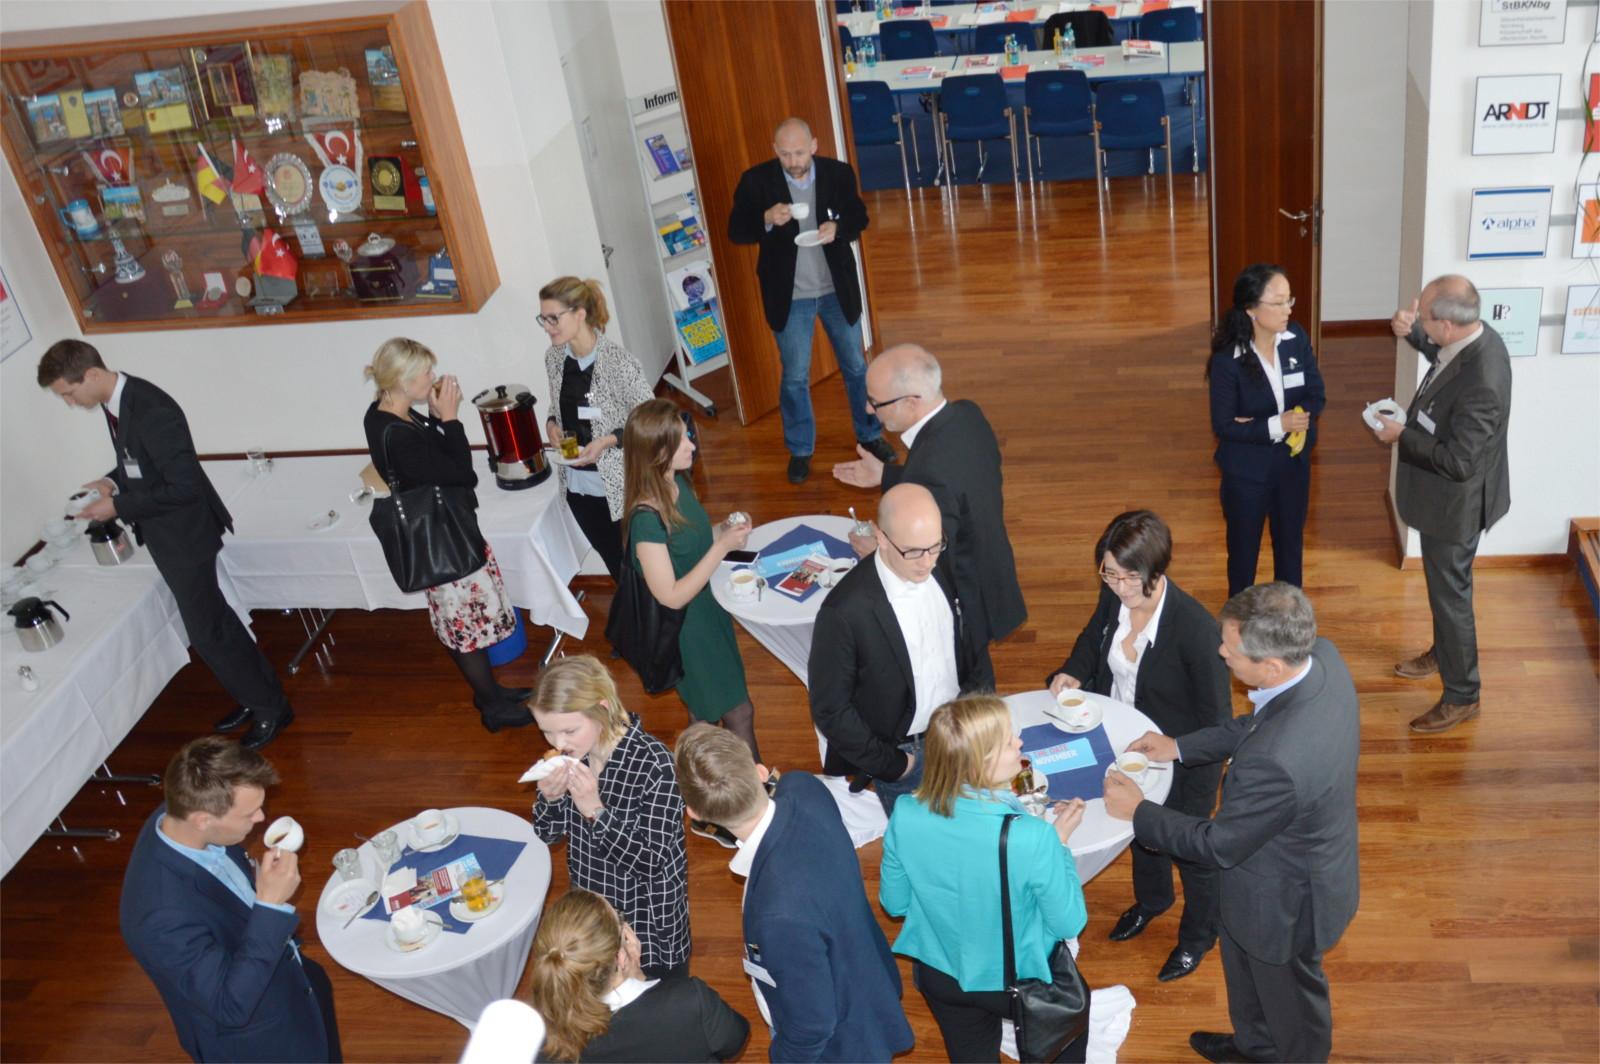 Teilnehmer und Referenten